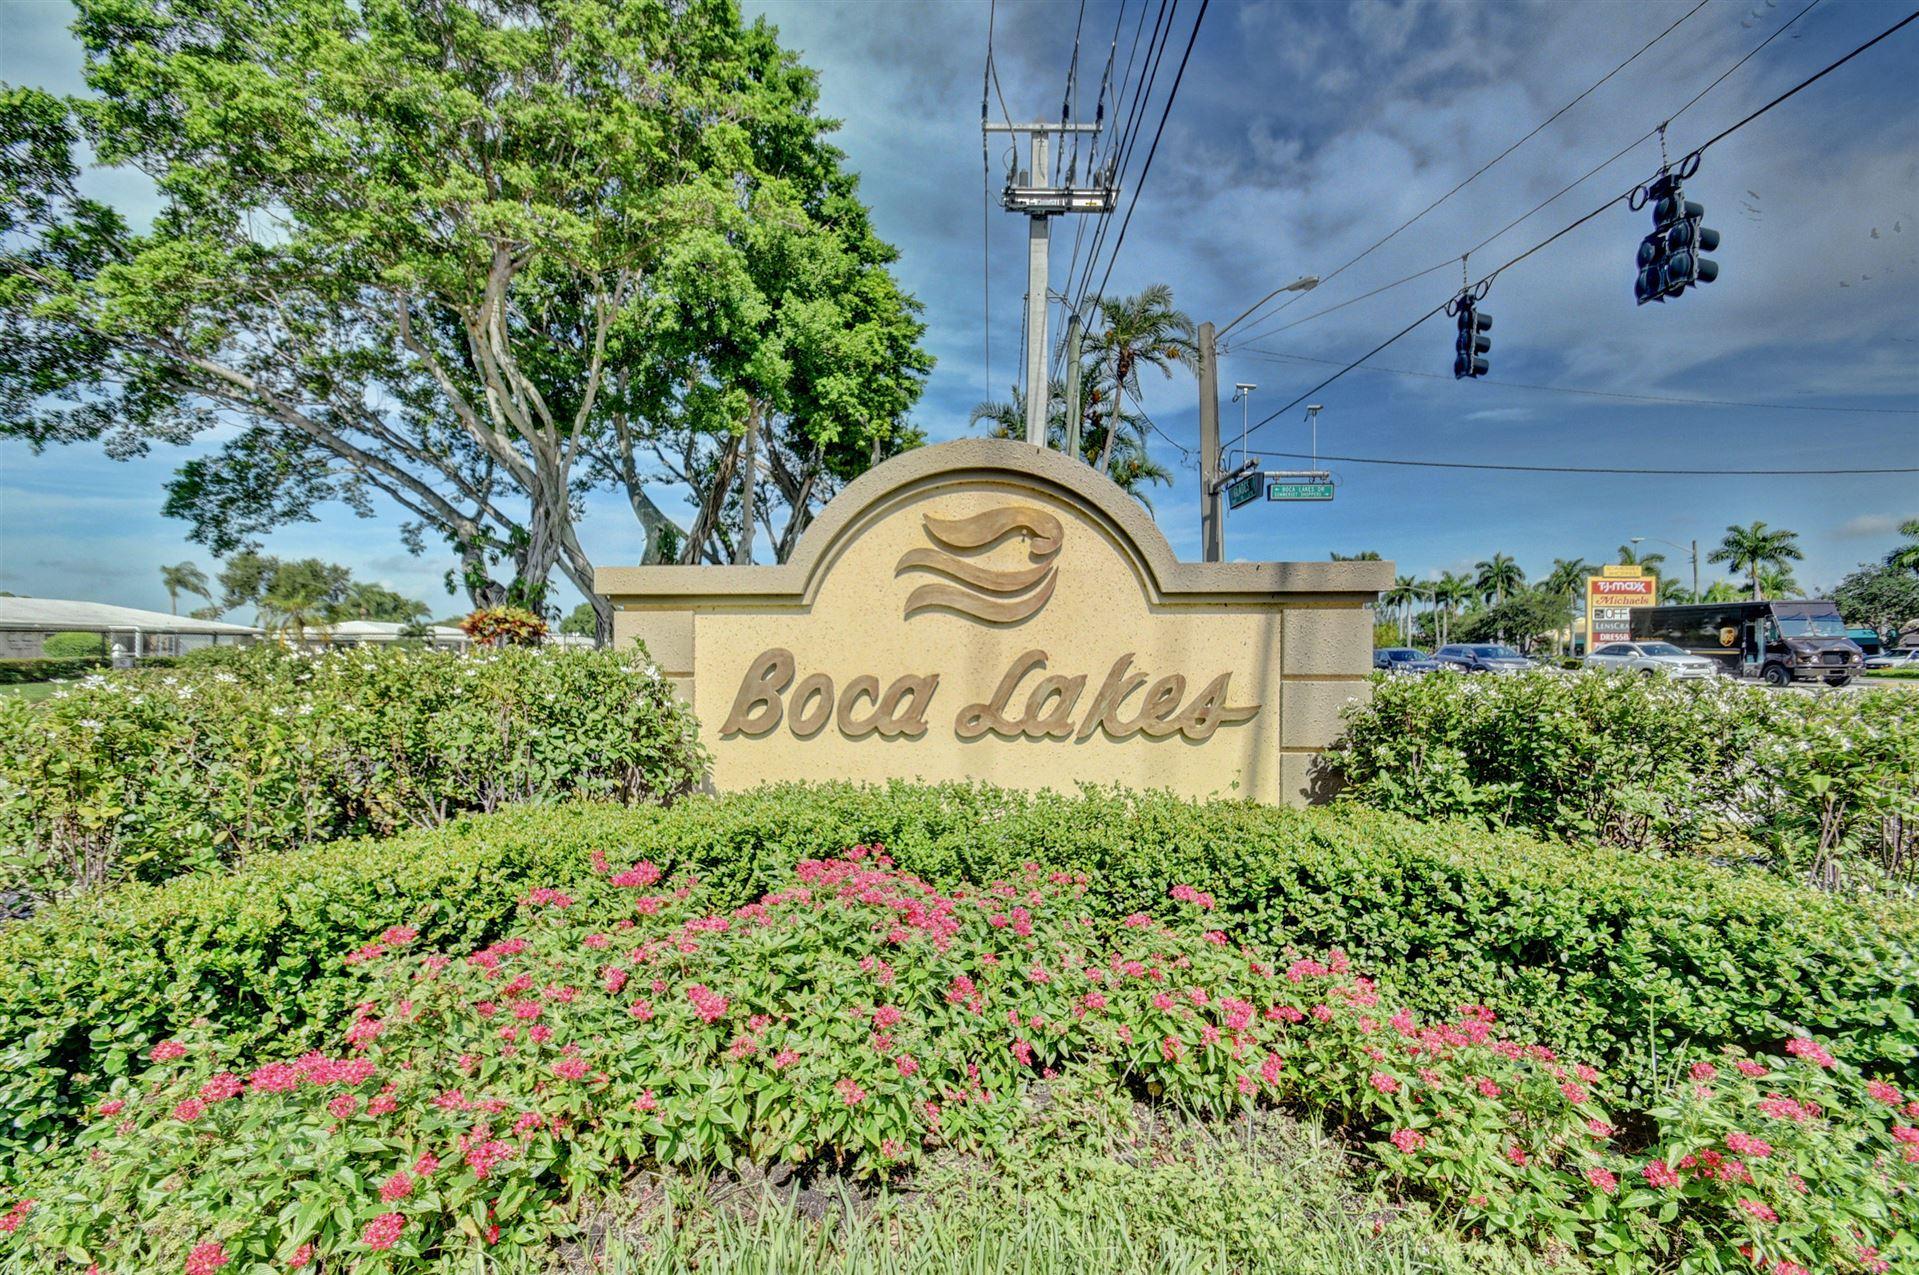 8730 Chevy Chase Drive, Boca Raton, FL 33433 - MLS#: RX-10736246